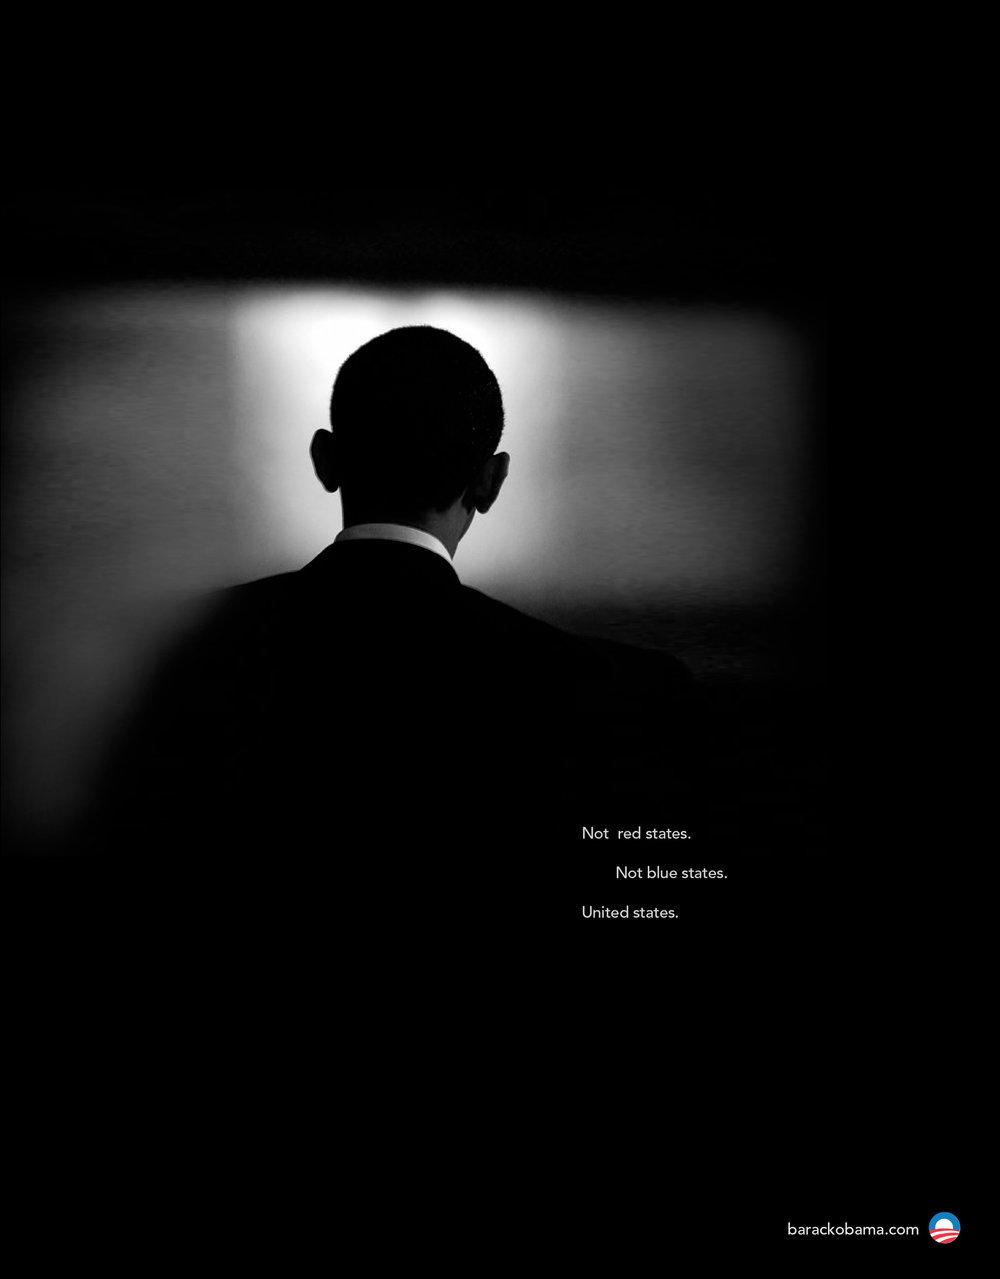 Obama_002.jpg